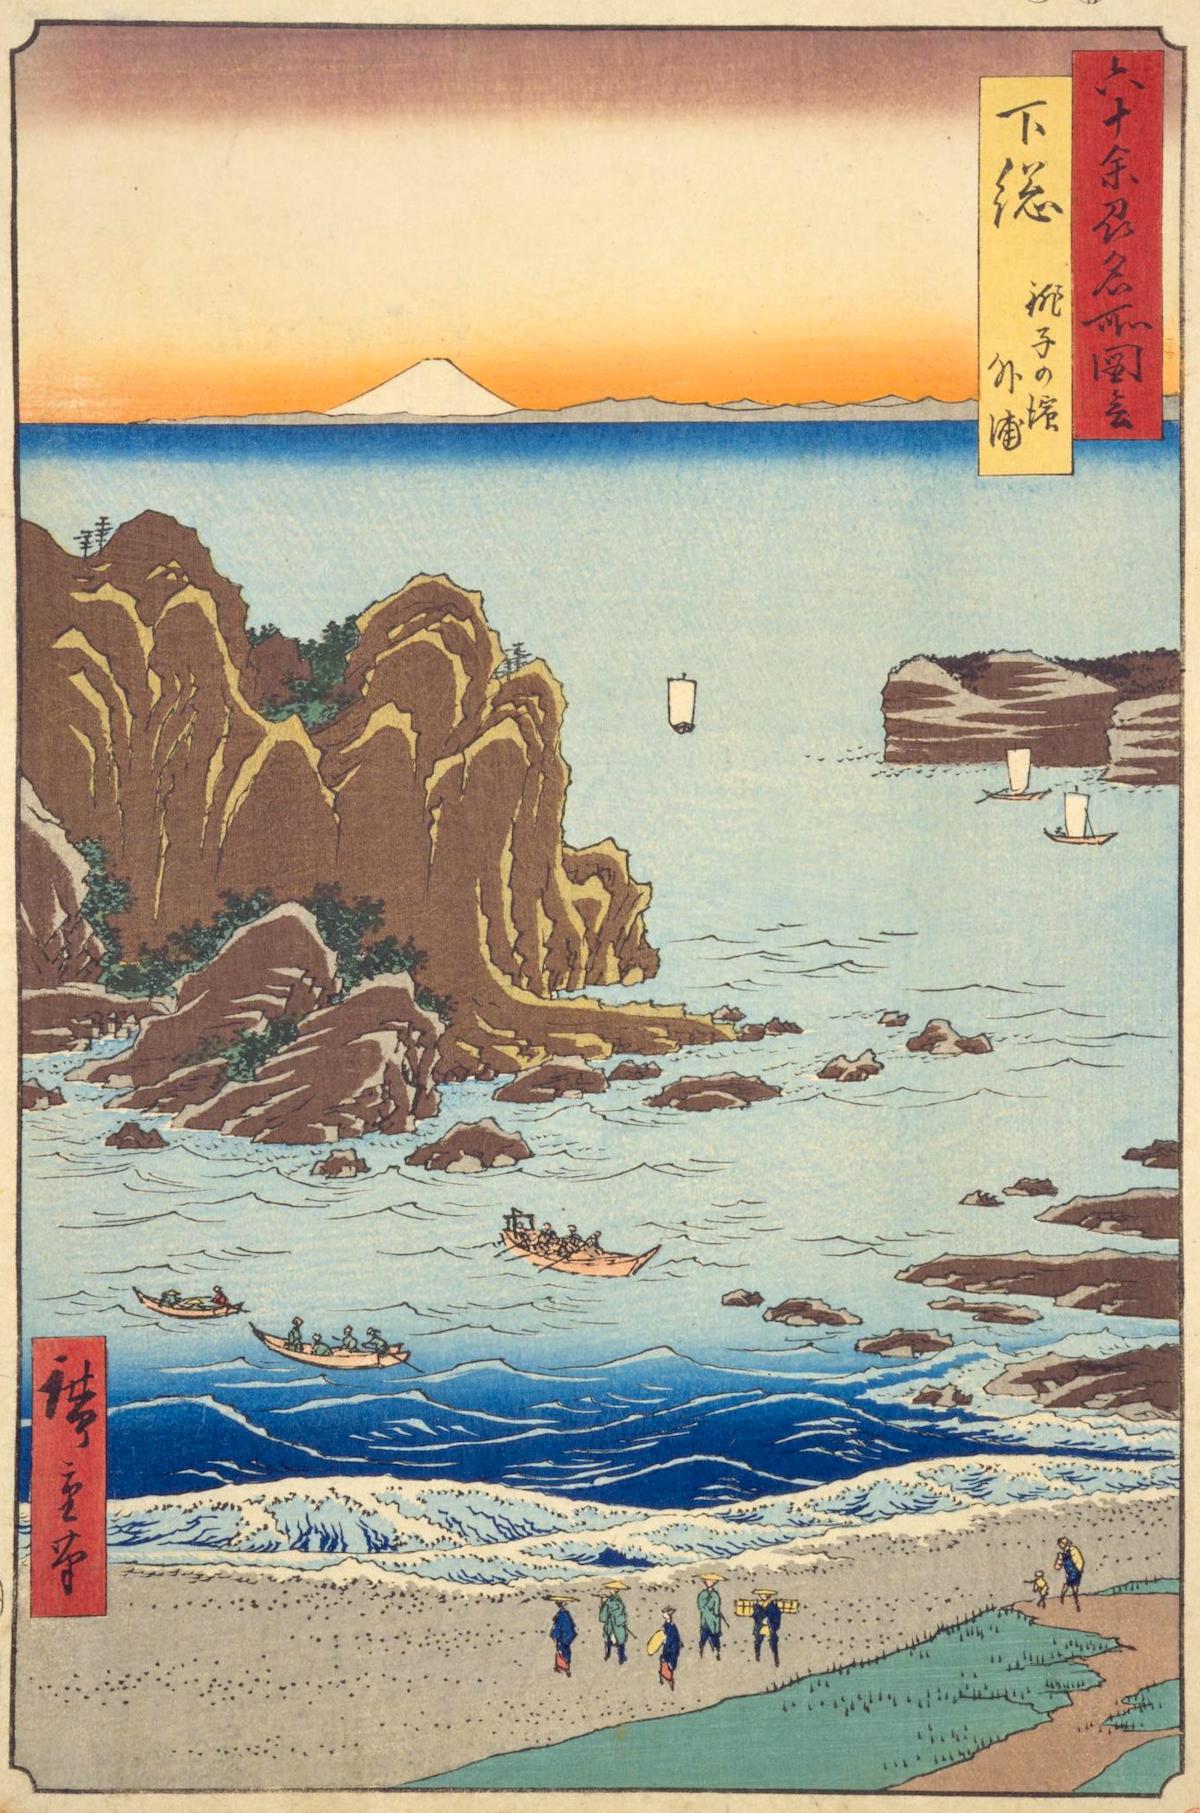 歌川広重『六十余州名所図会 下総 銚子の浜外浦』